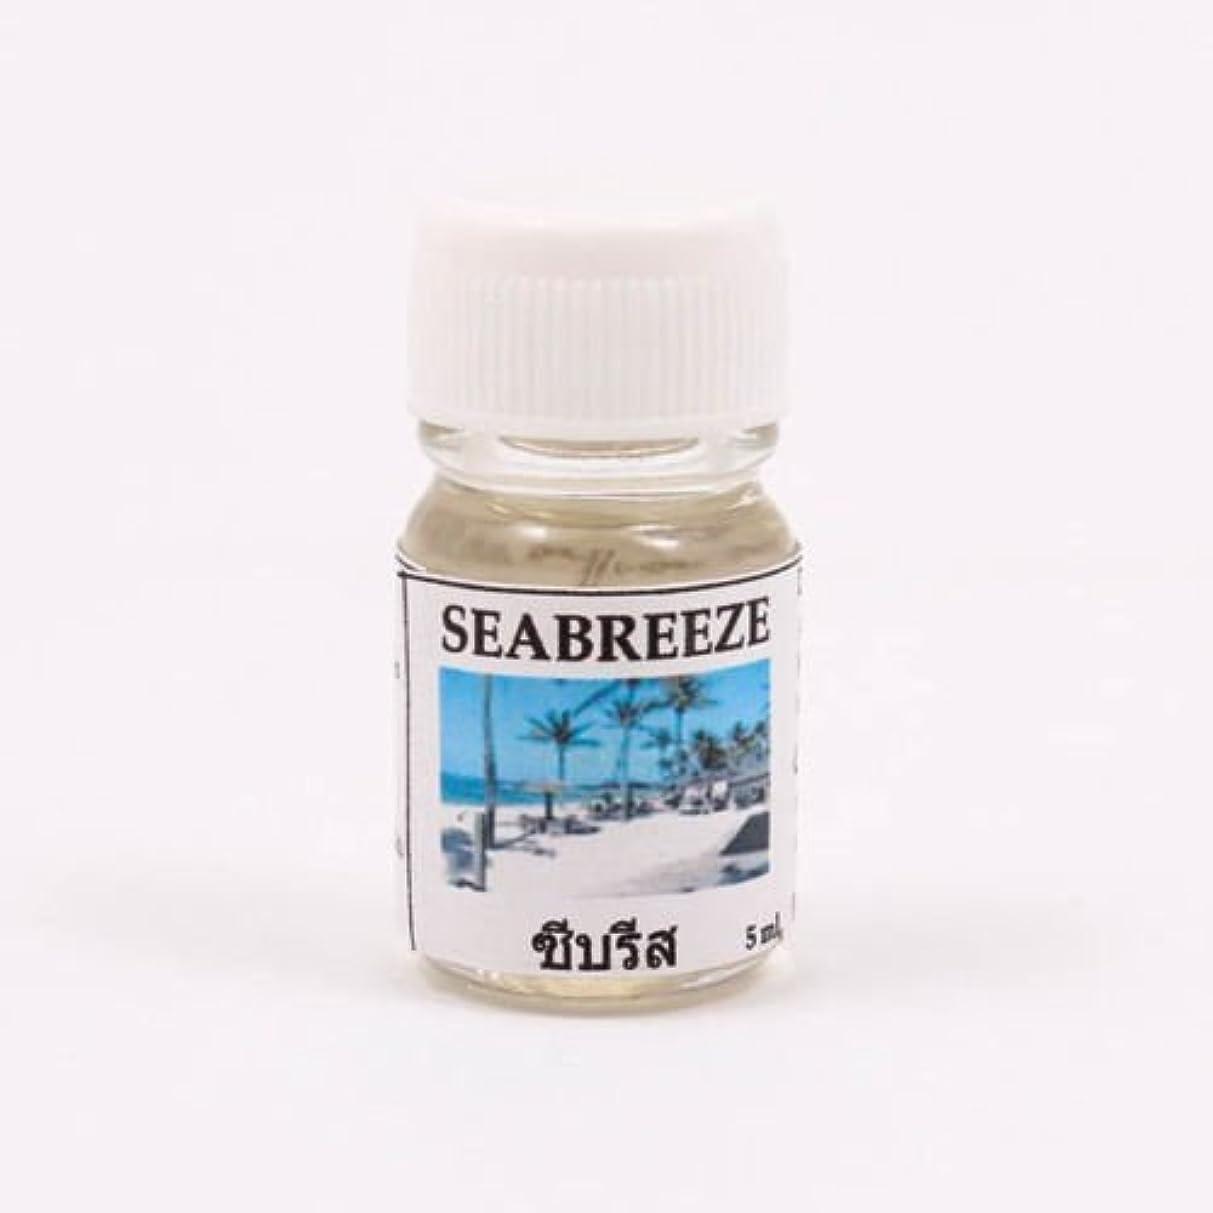 陽気な同じレジ6X Seabreeze Aroma Fragrance Essential Oil 5ML. cc Diffuser Burner Therapy